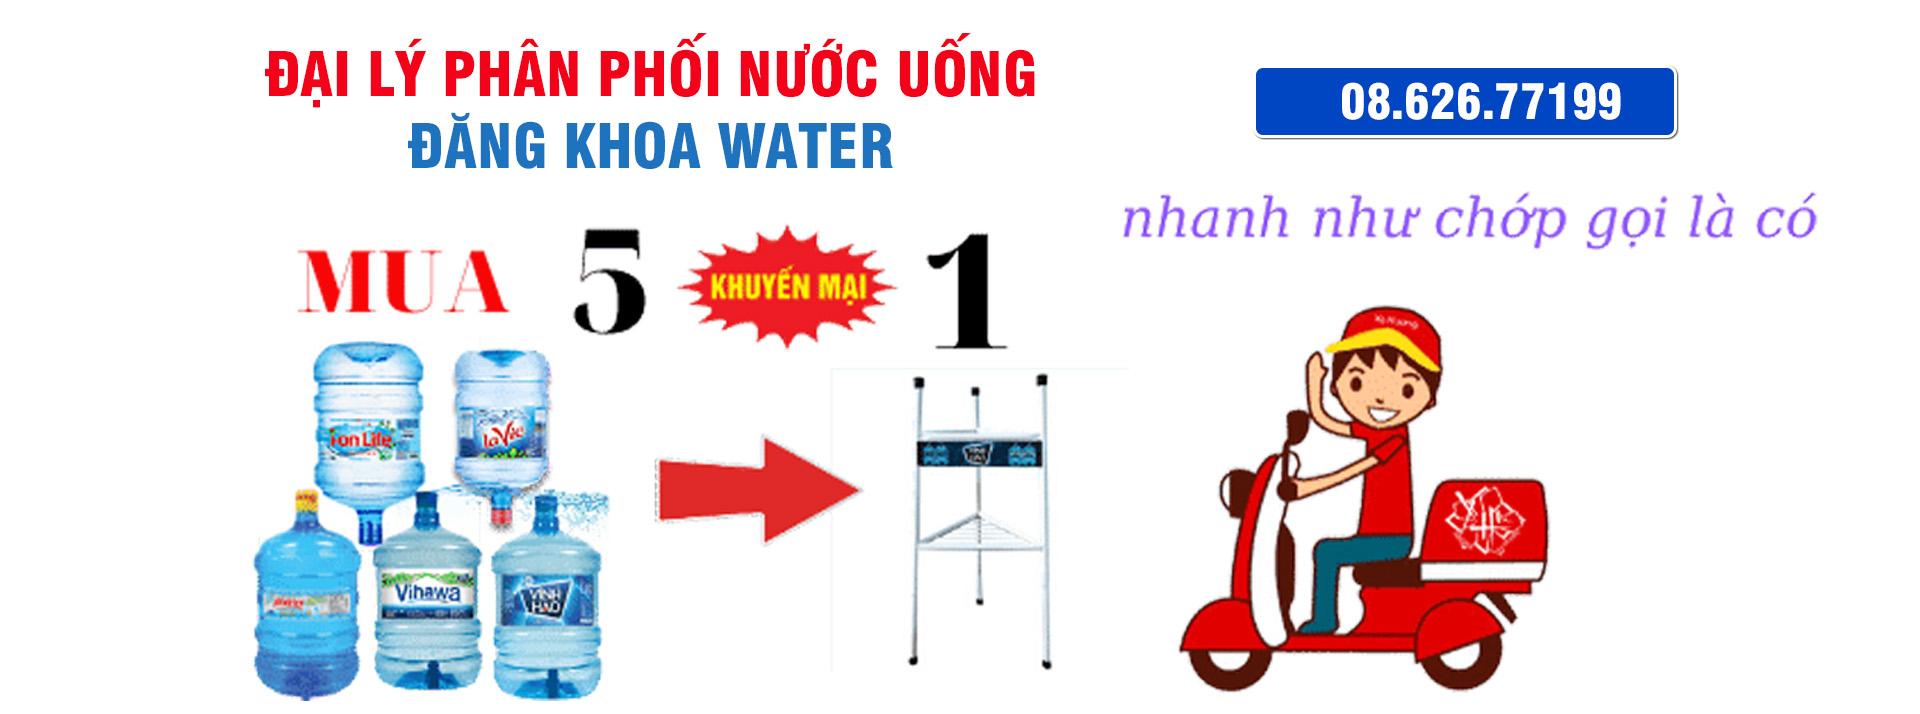 khuyến mãi mua nước uống